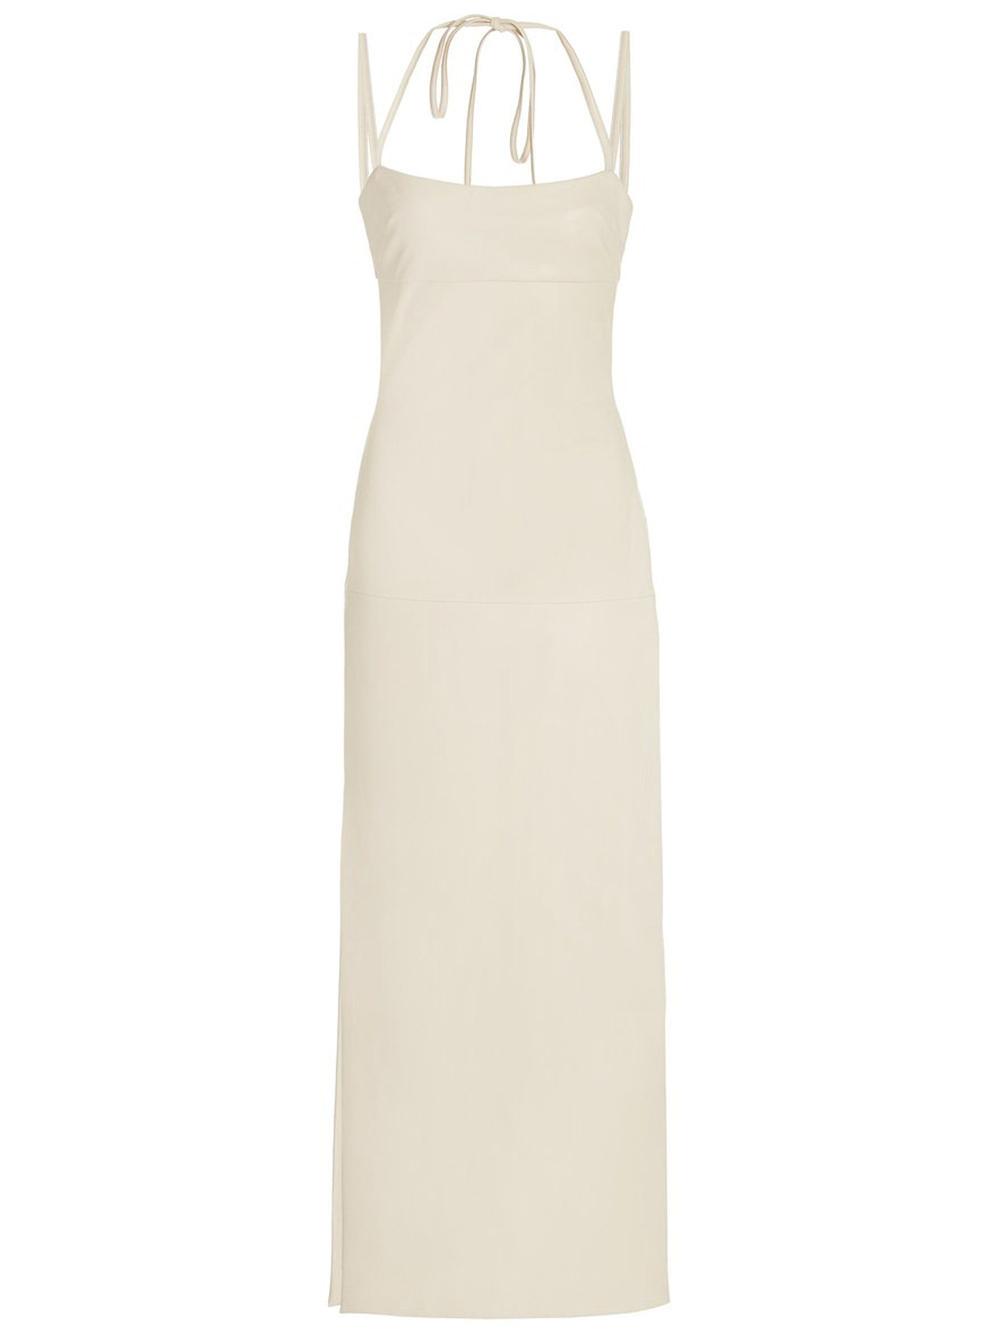 Jacqueline Faux Leather Midi Dress Item # A3210402-7368